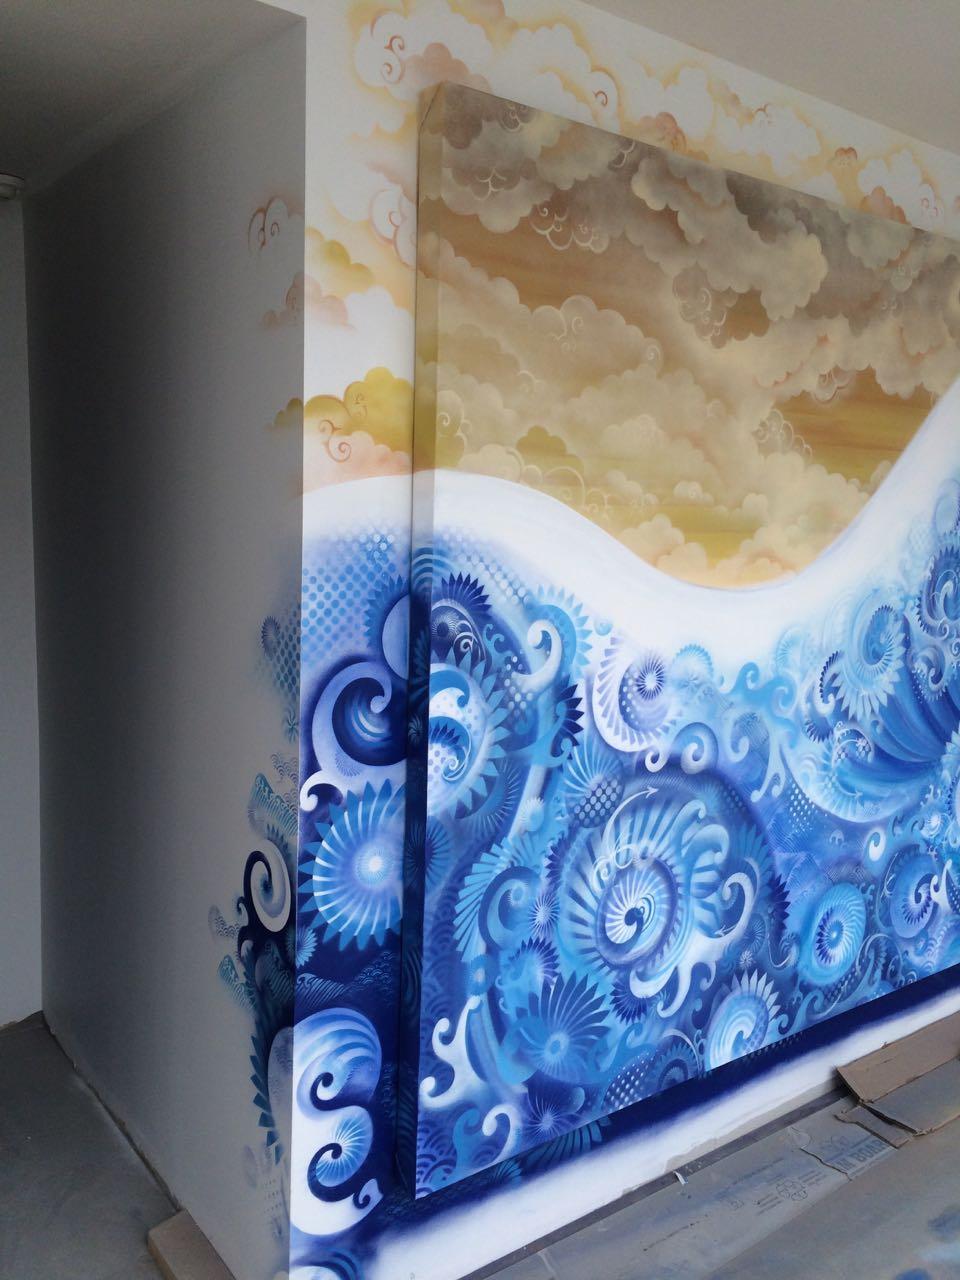 WakudaStudios_Murals_Wave_8_Yaletown_201